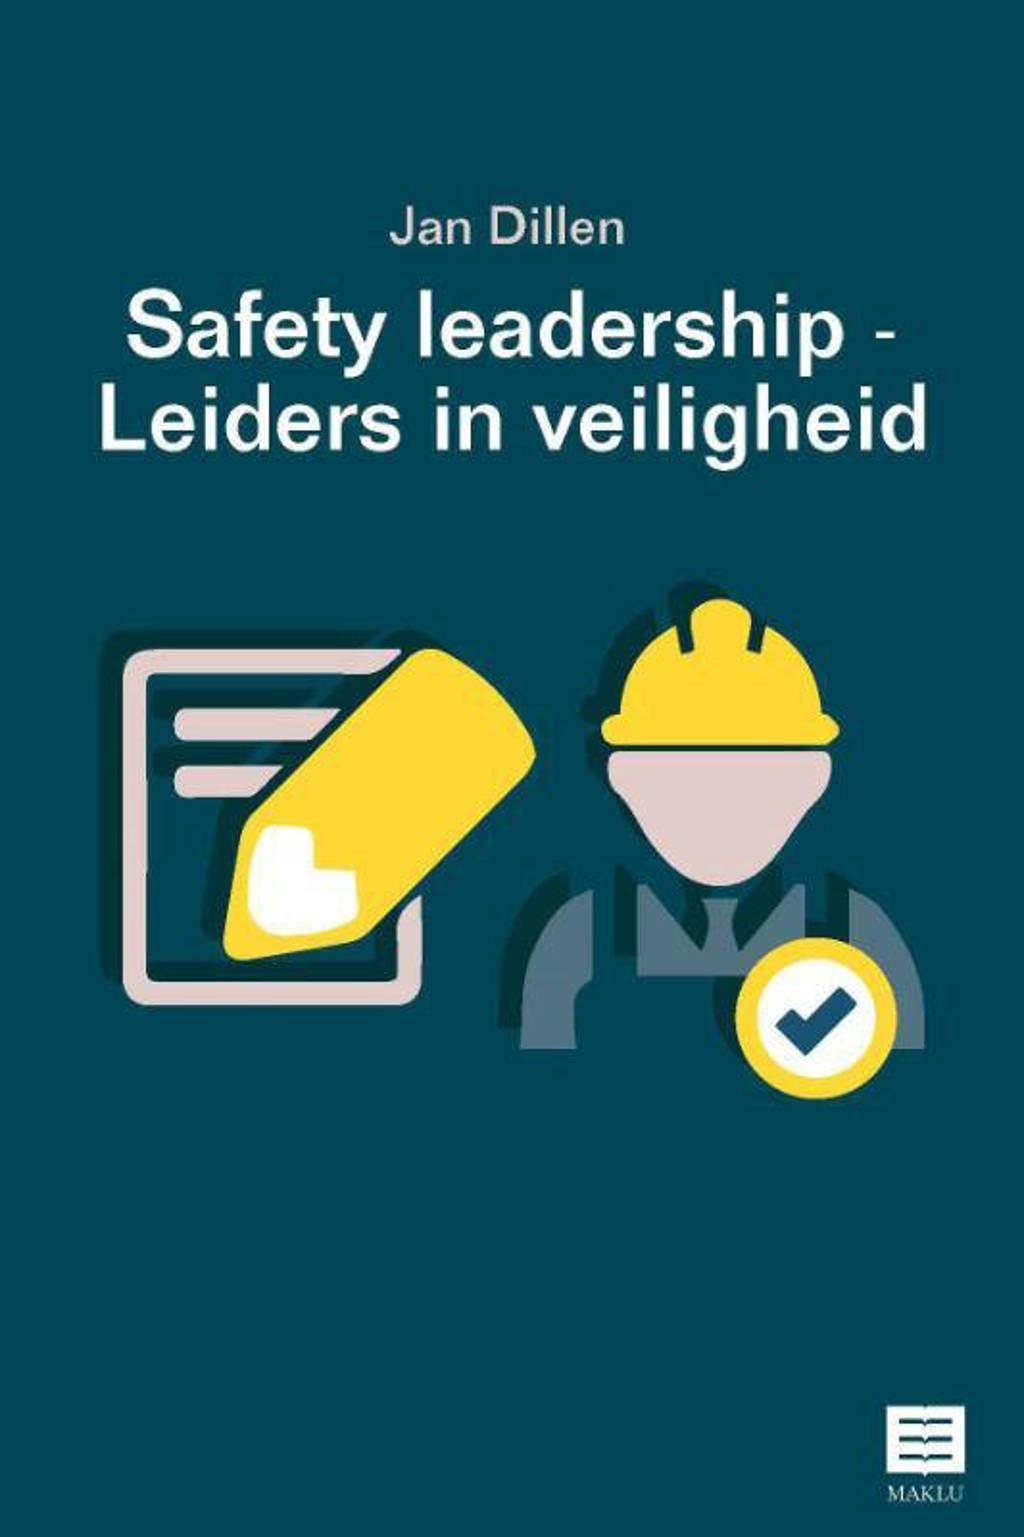 Safety Leadership – Leiders in veiligheid - Jan Dillen